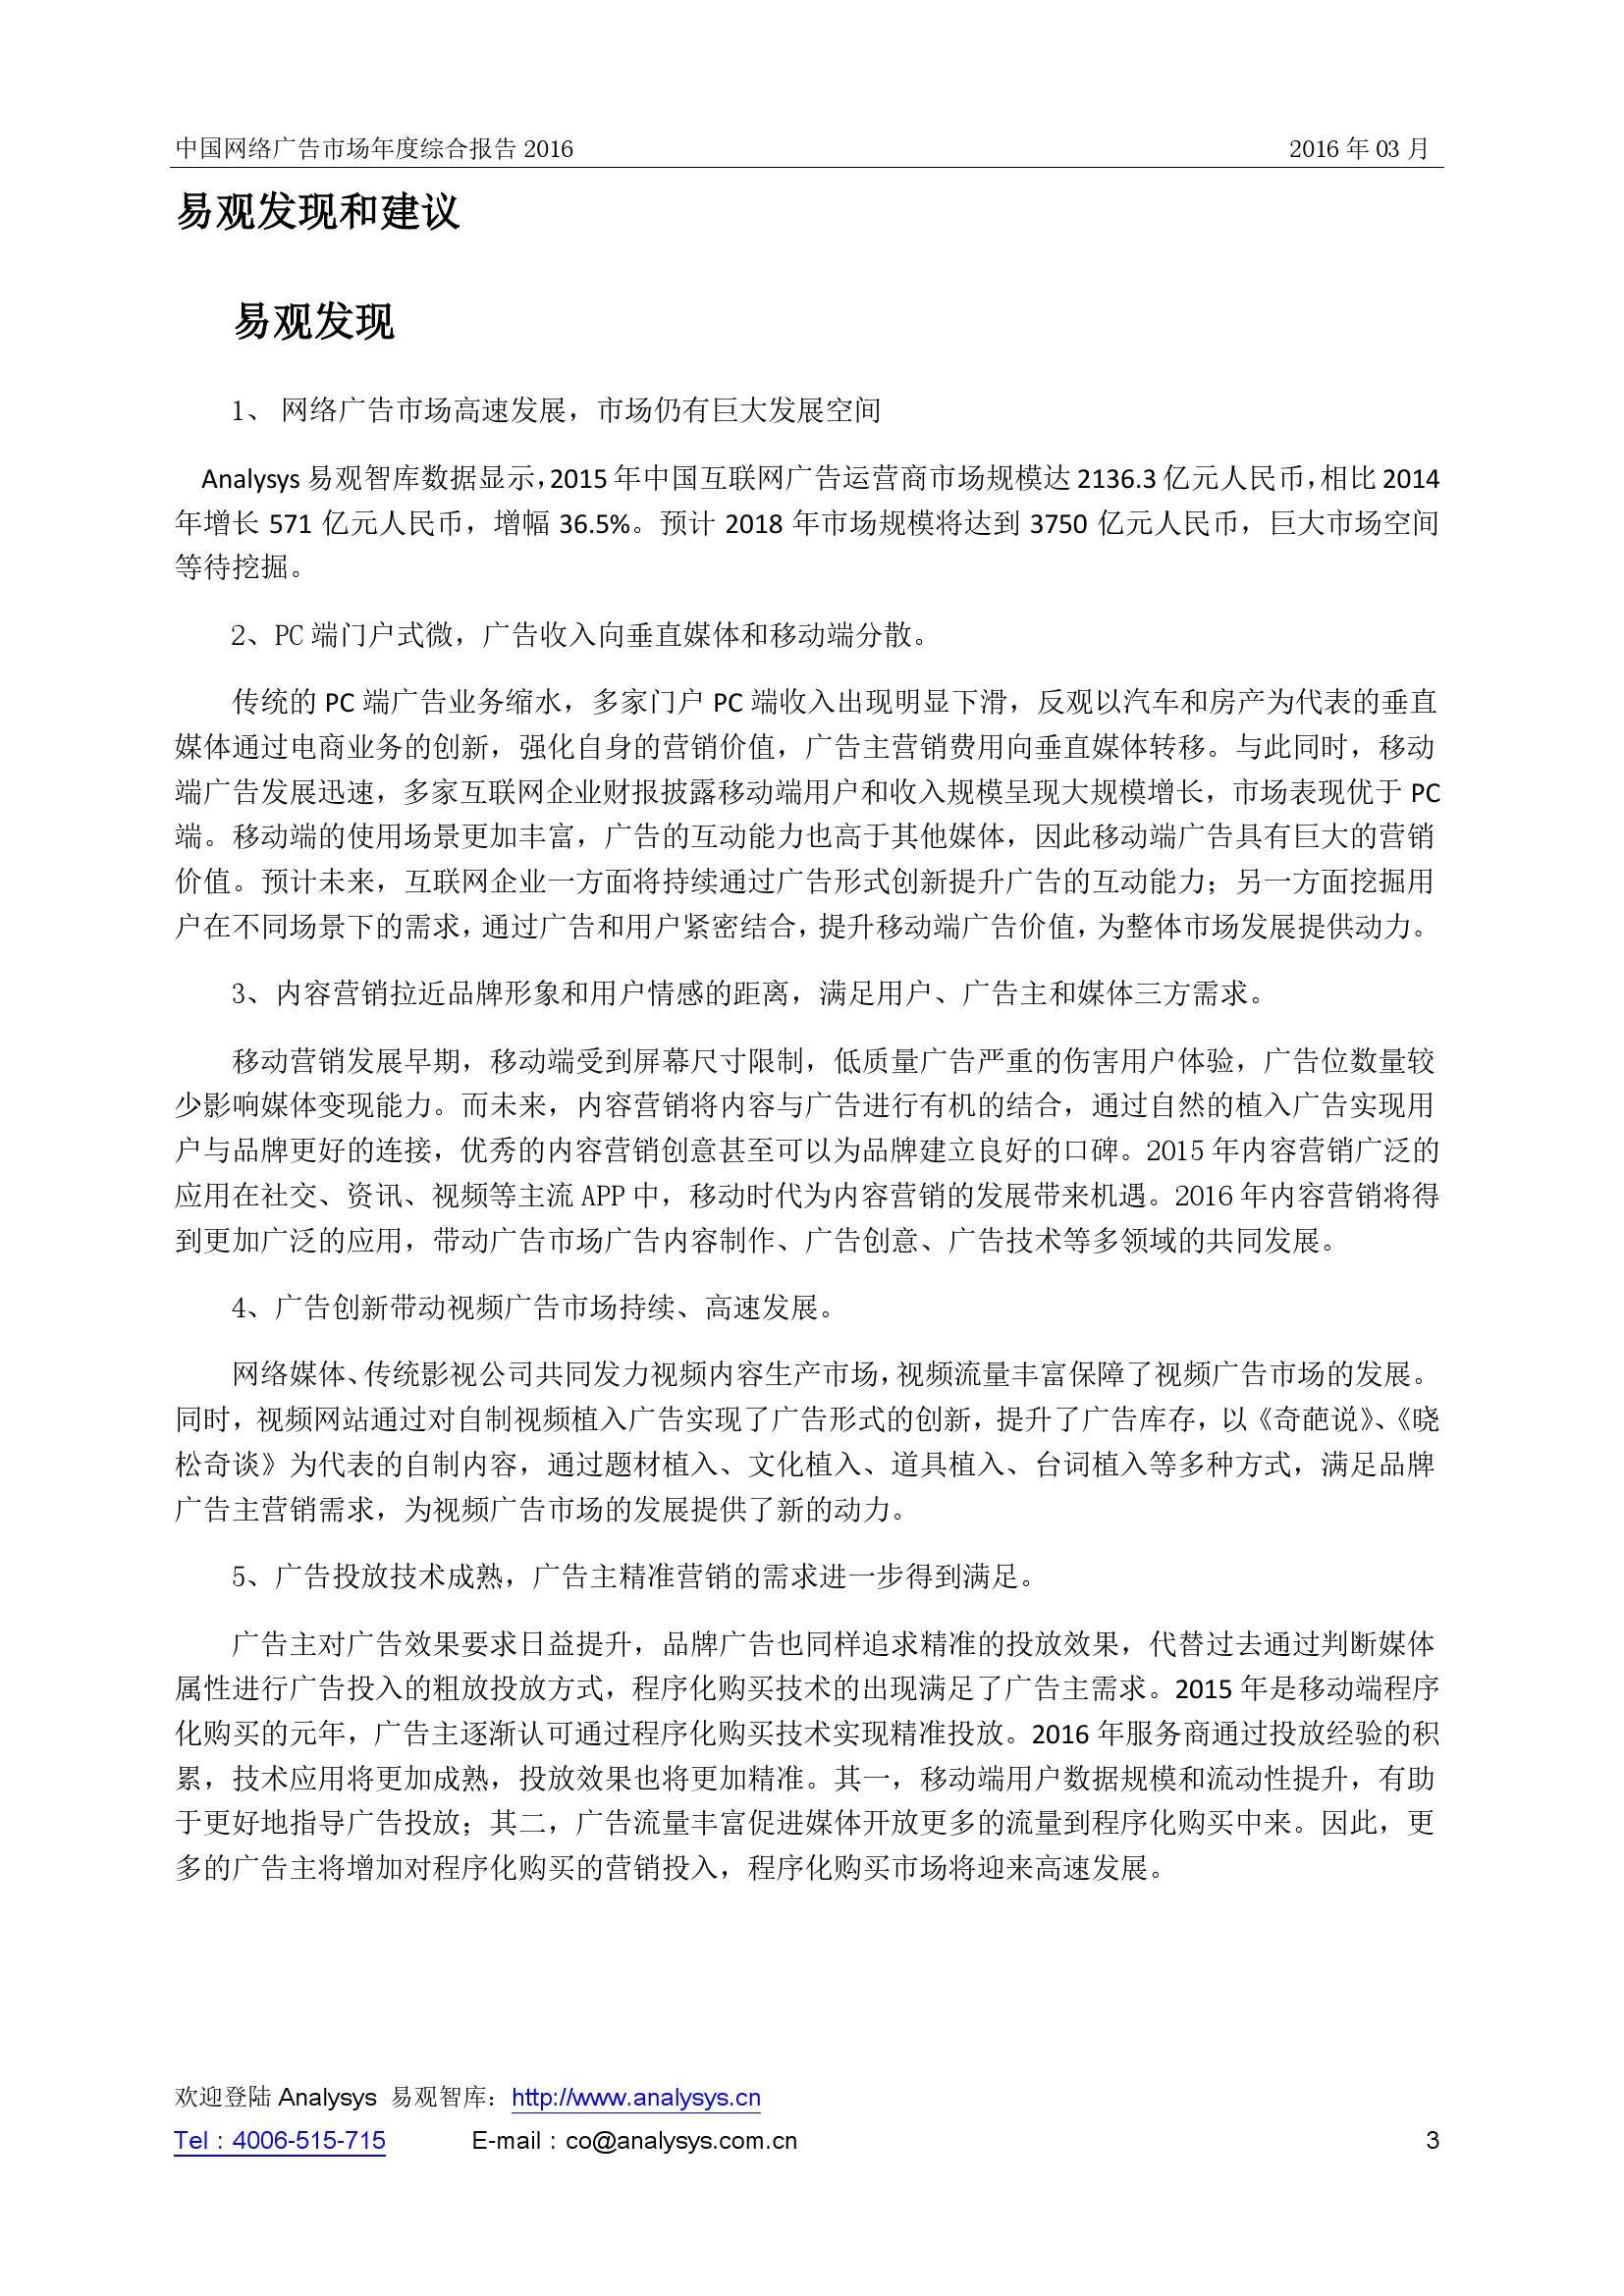 中国网络广告市场年度综合报告2016_000003